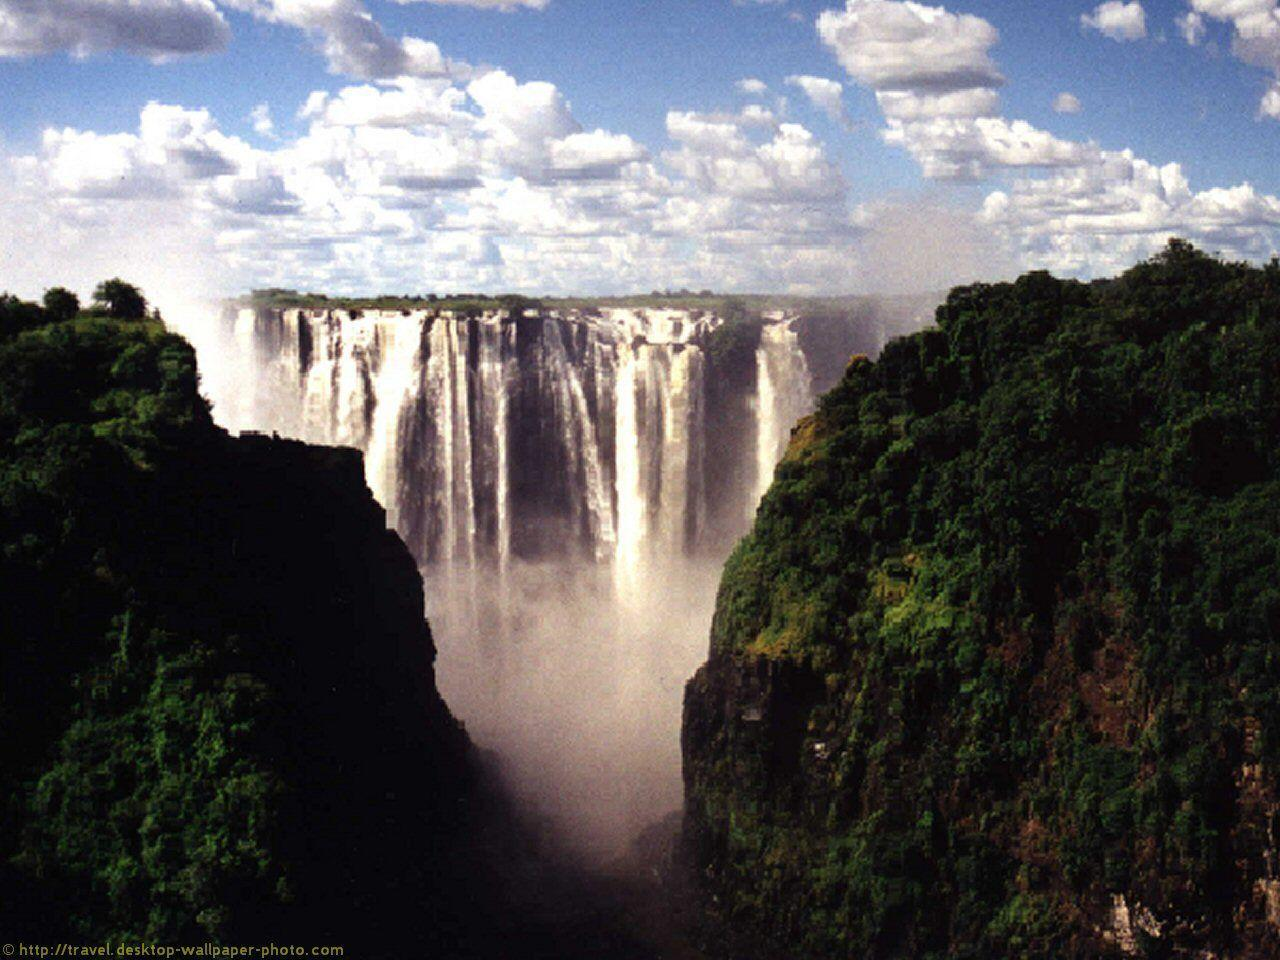 Victoria Falls Hd Wallpaper Victoria Falls Wallpapers Wallpaper Cave